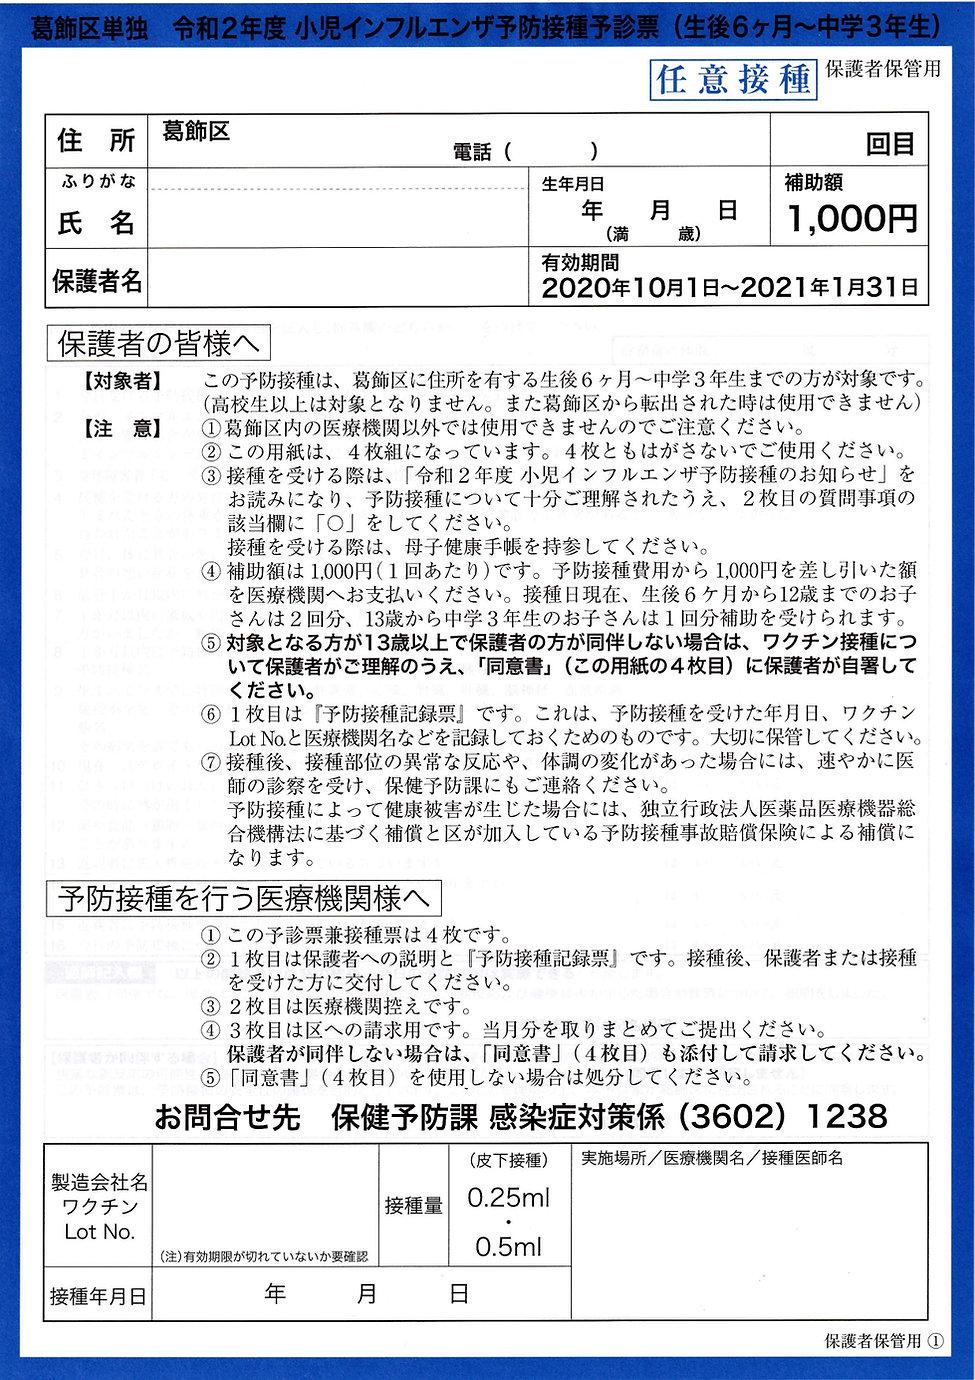 インフルエンザ予診票 小児用_page-0001.jpg